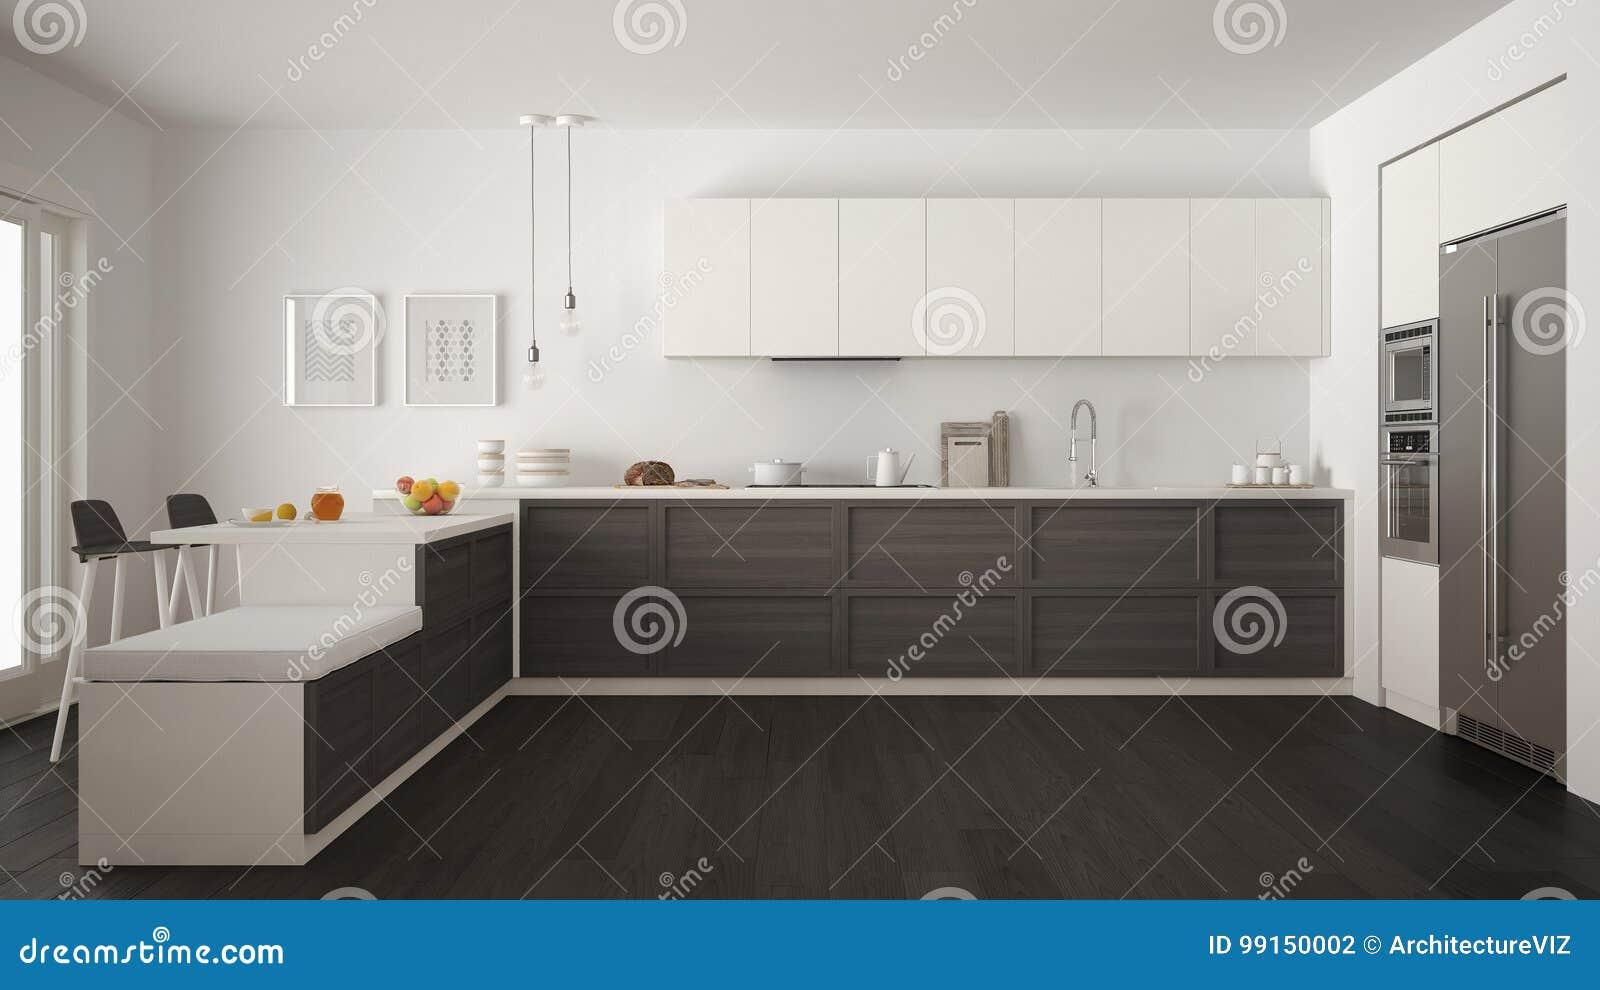 Classic Modern Kitchen With Wooden Details And Parquet Floor, Mi ...